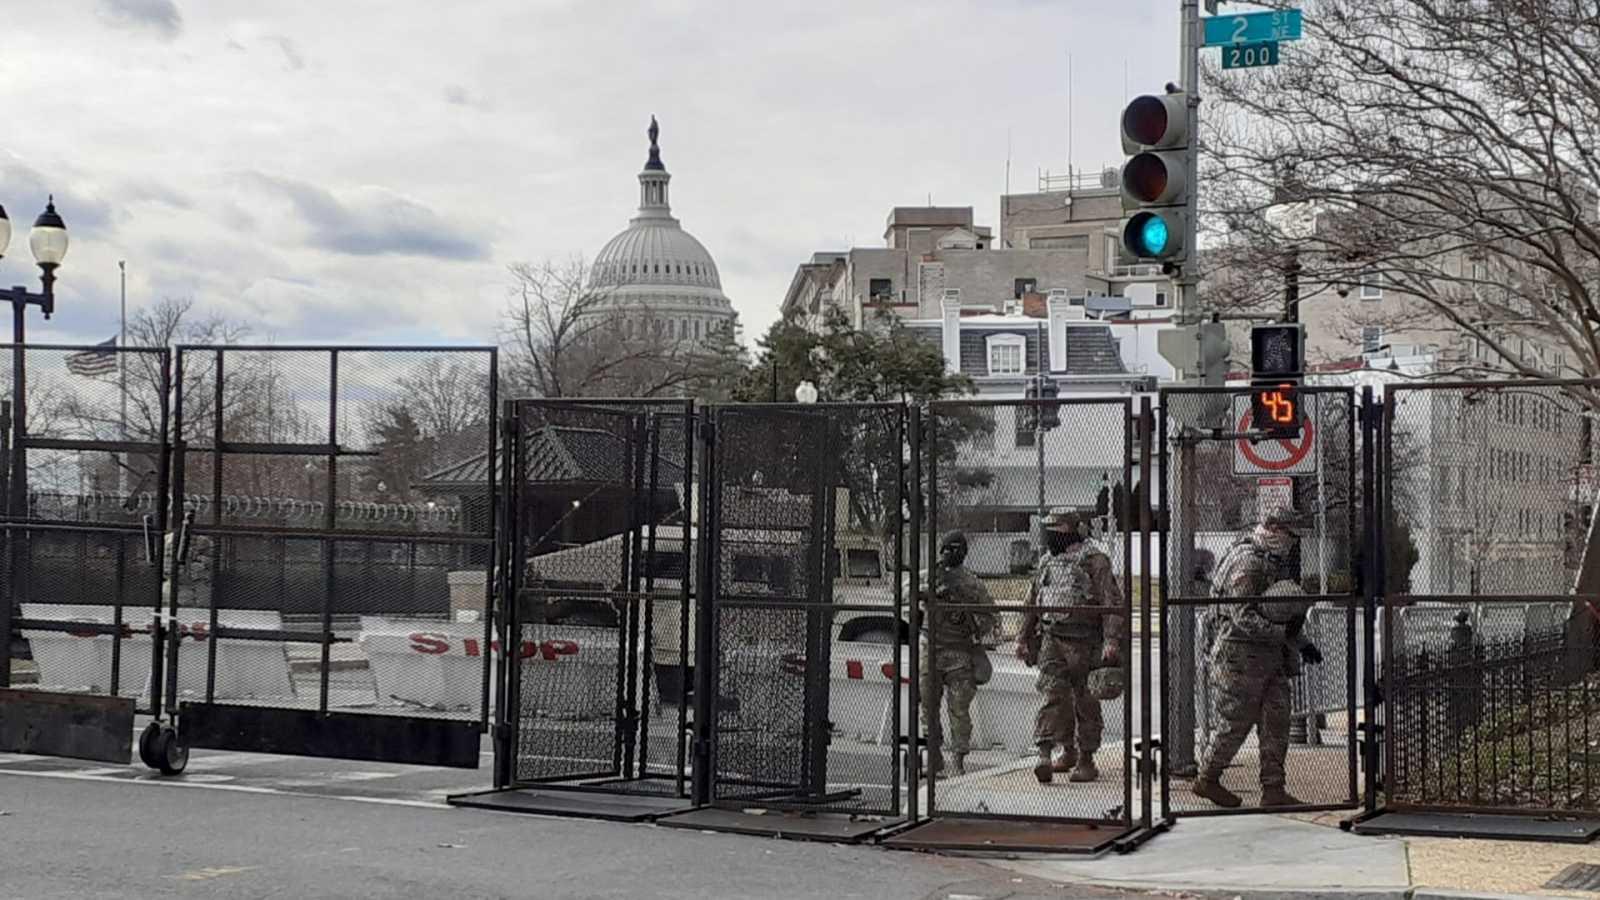 Reportajes 5 Continentes - Washington espera la ceremonia de investidura de Biden - Escuchar ahora